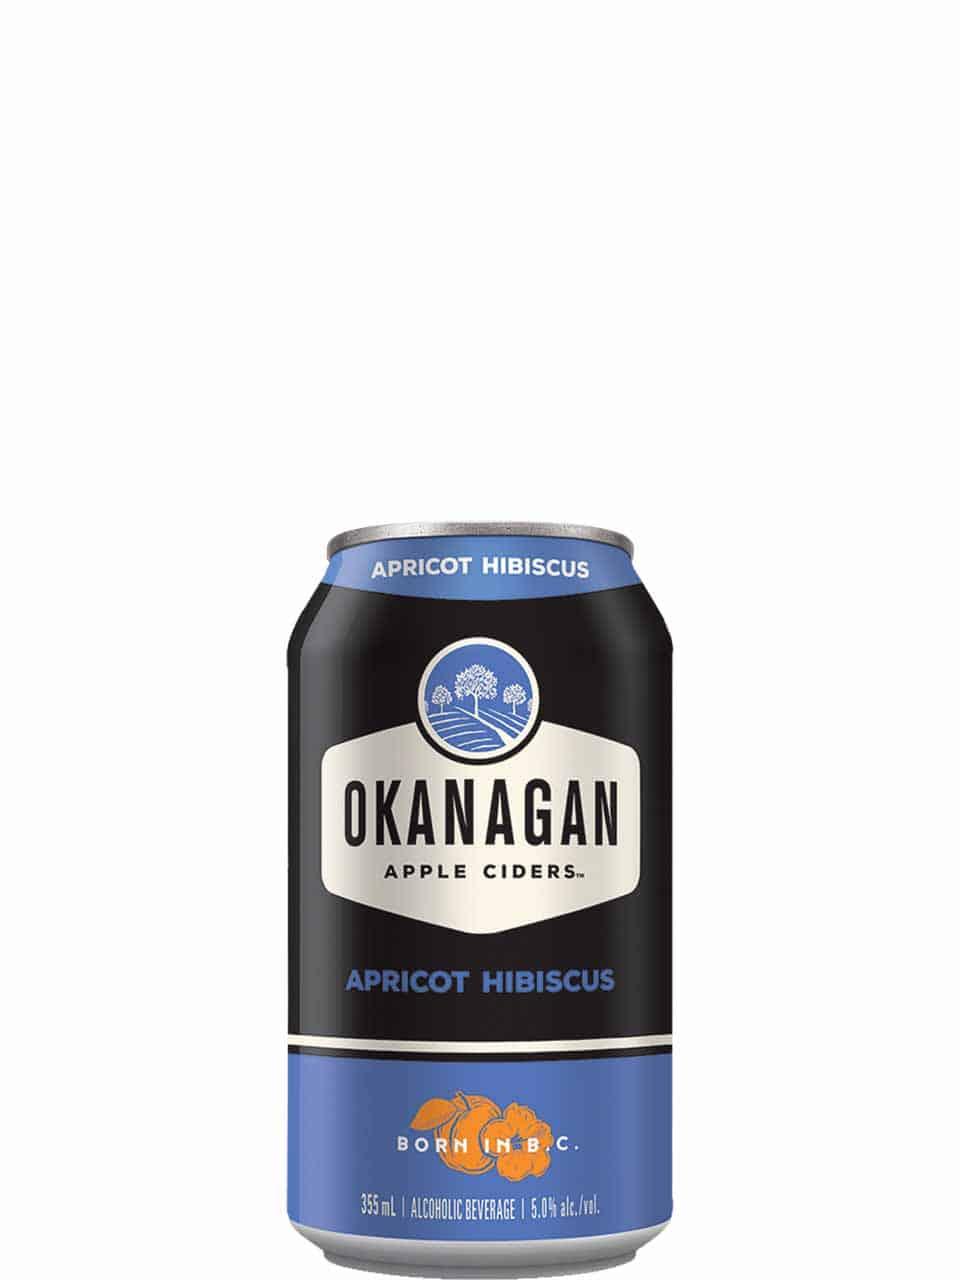 Okanagan Apricot Hibiscus Cider 6 Pack